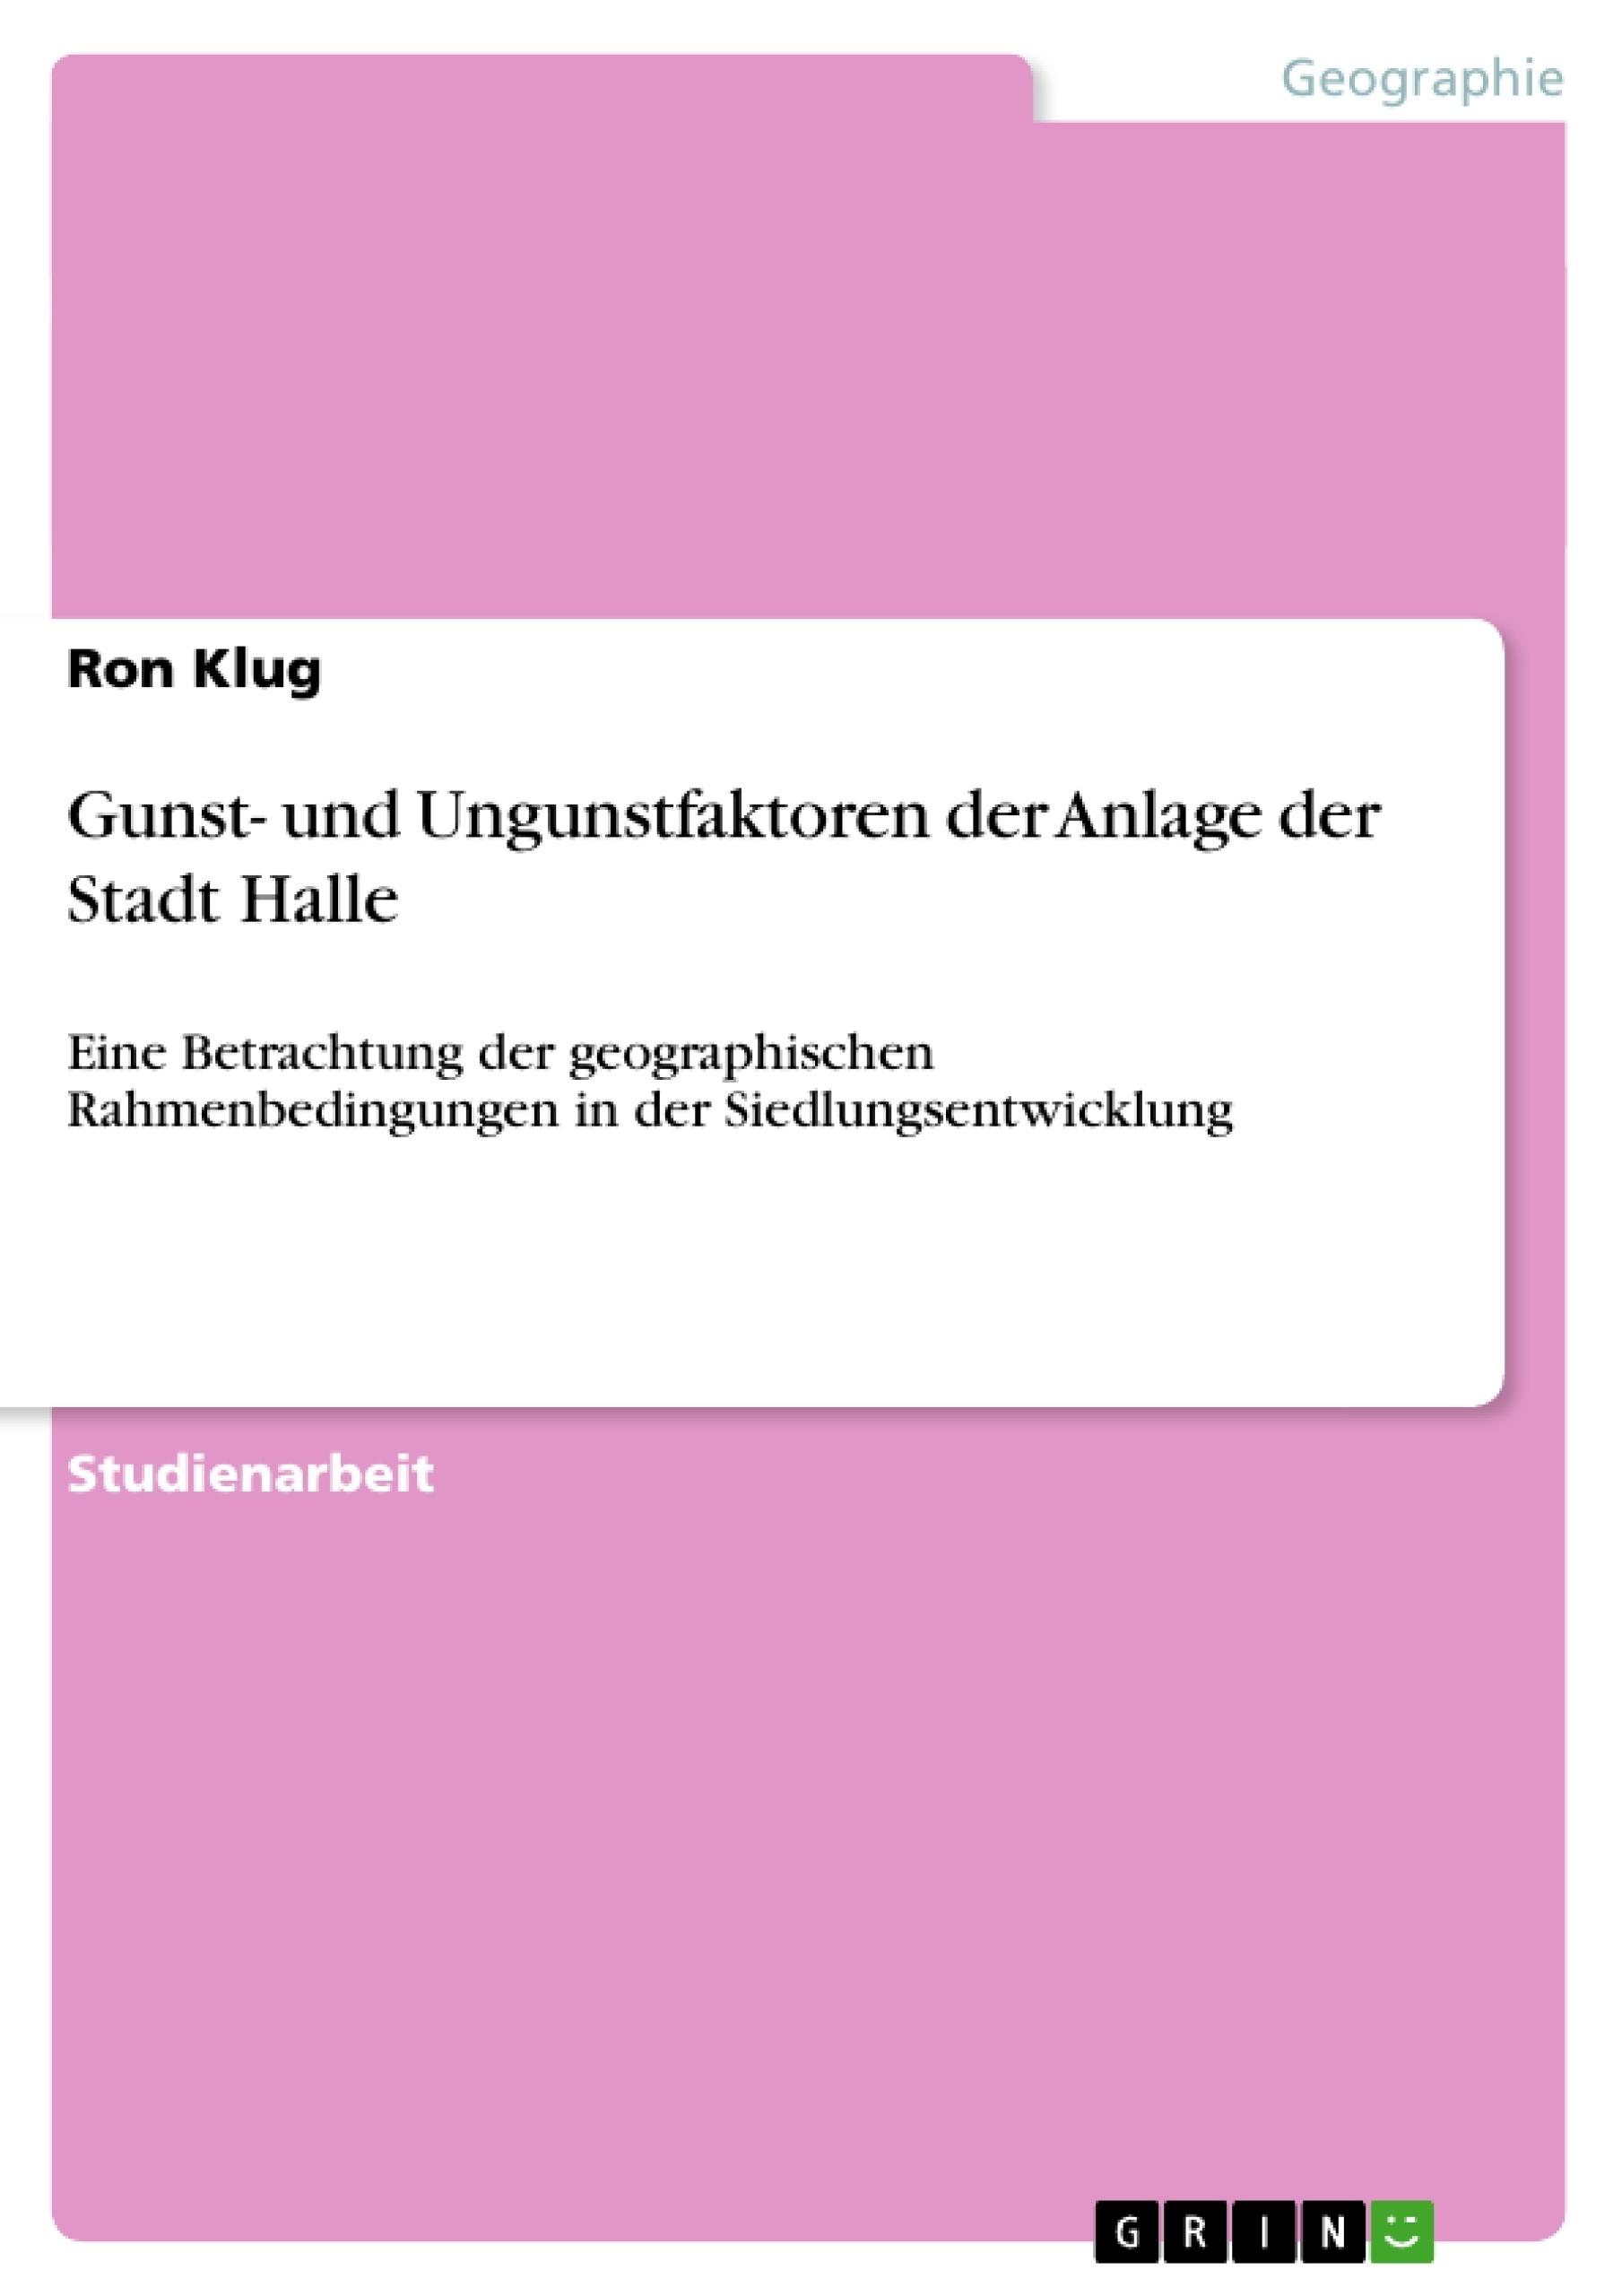 Titel: Gunst- und Ungunstfaktoren der Anlage der Stadt Halle